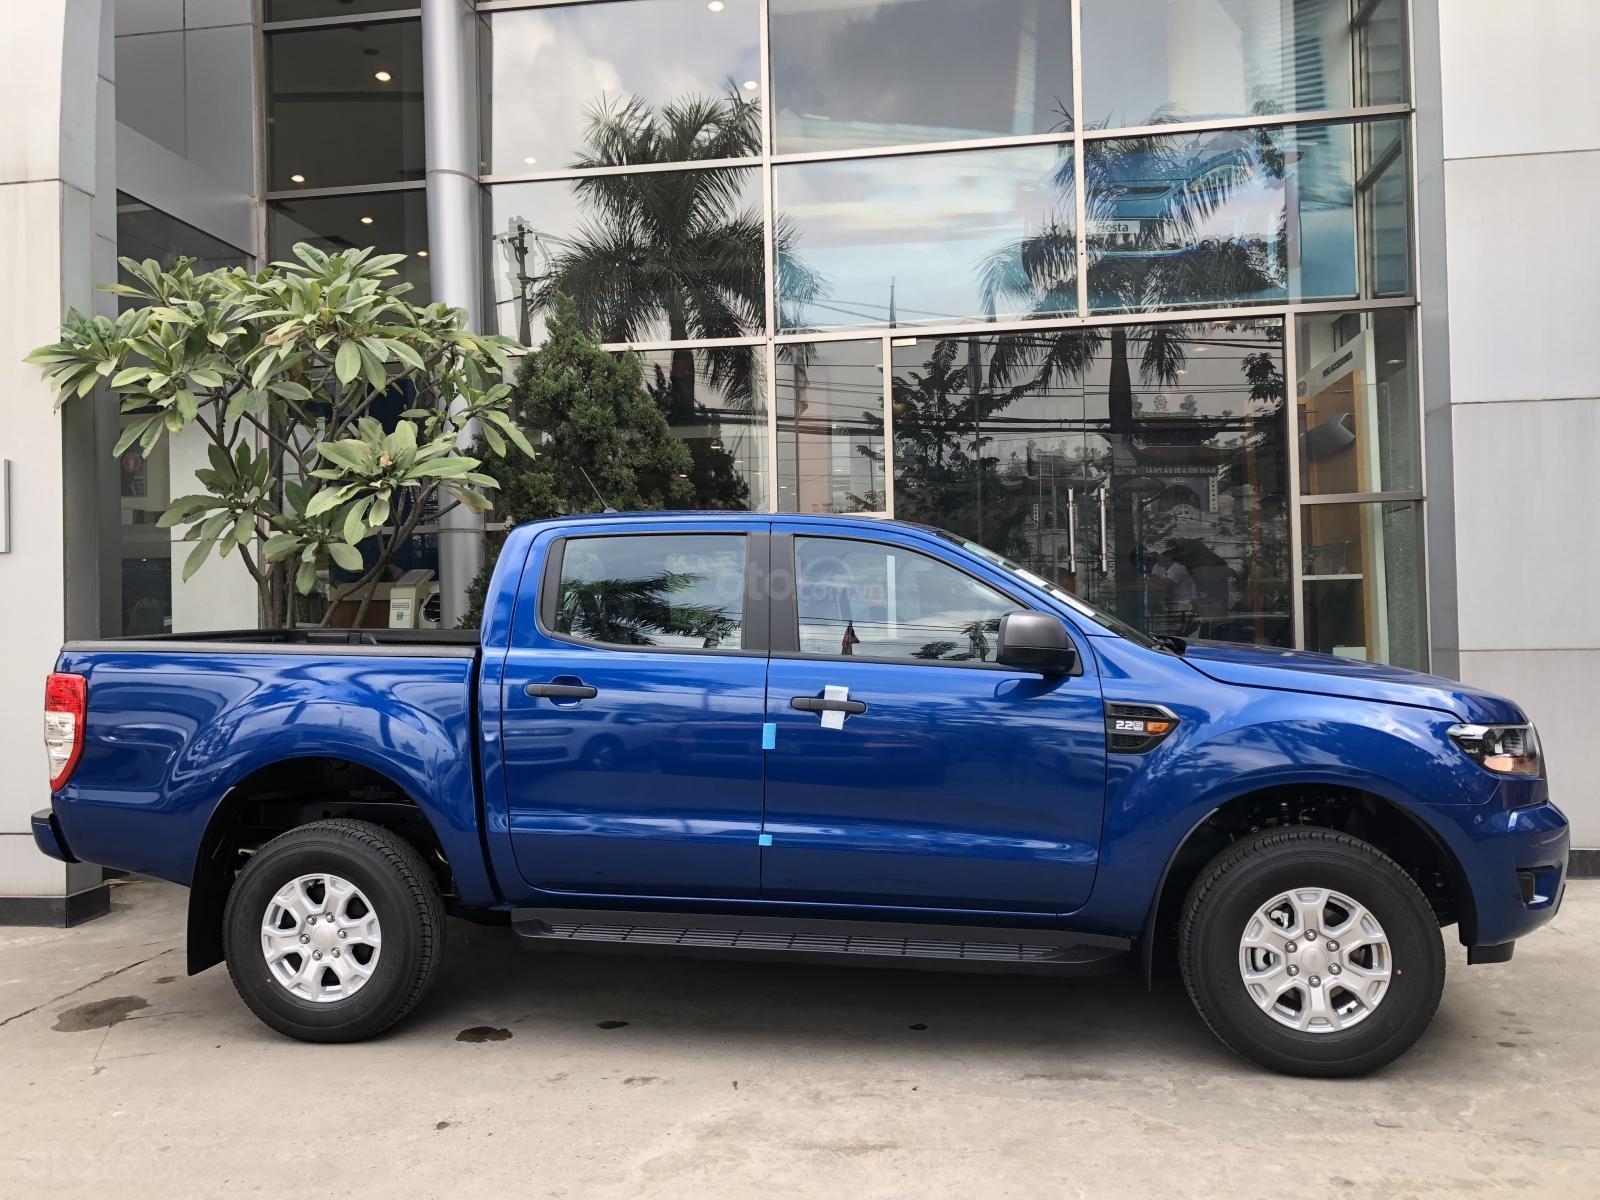 Bạn đang tìm xe Ranger XLS 1 cầu số tự động? Hãy gọi ngay Ford Pháp Vân: 0902212698, giao xe ngay! Đủ màu-4